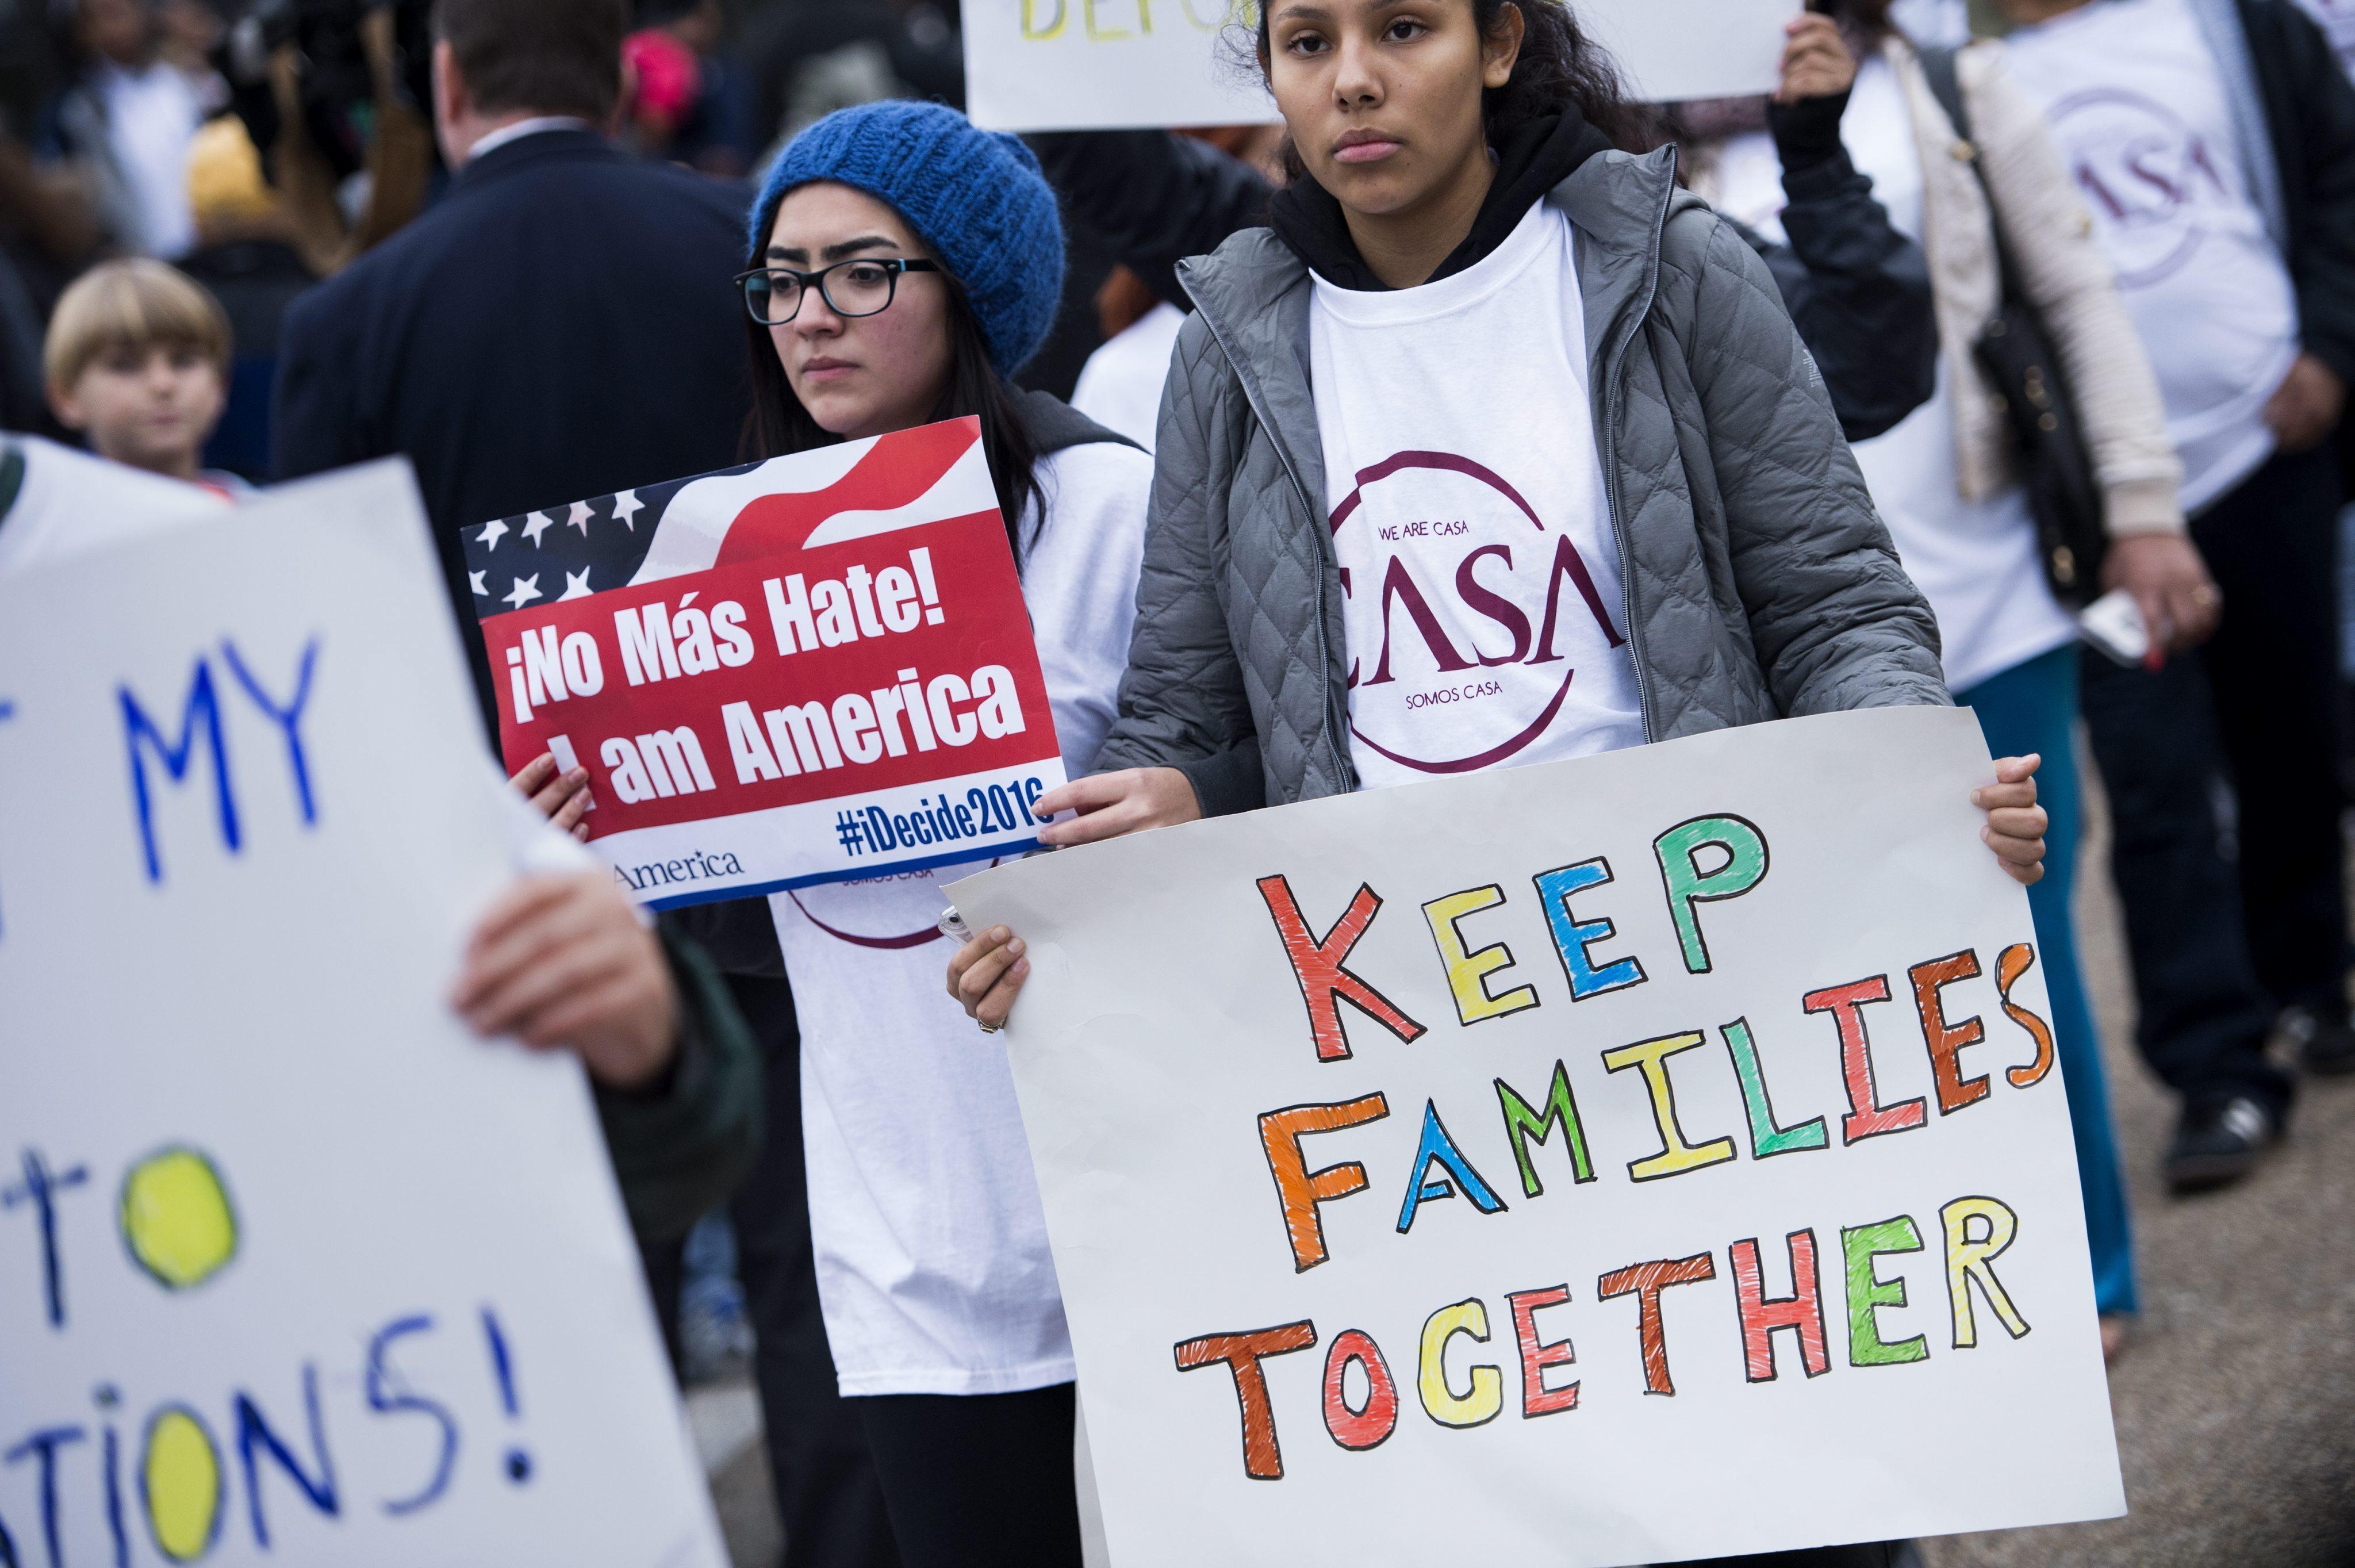 Durante años el movimiento proinmigrante ha protestado las detenciones obligatorias, las deportaciones y separaciones de familias.